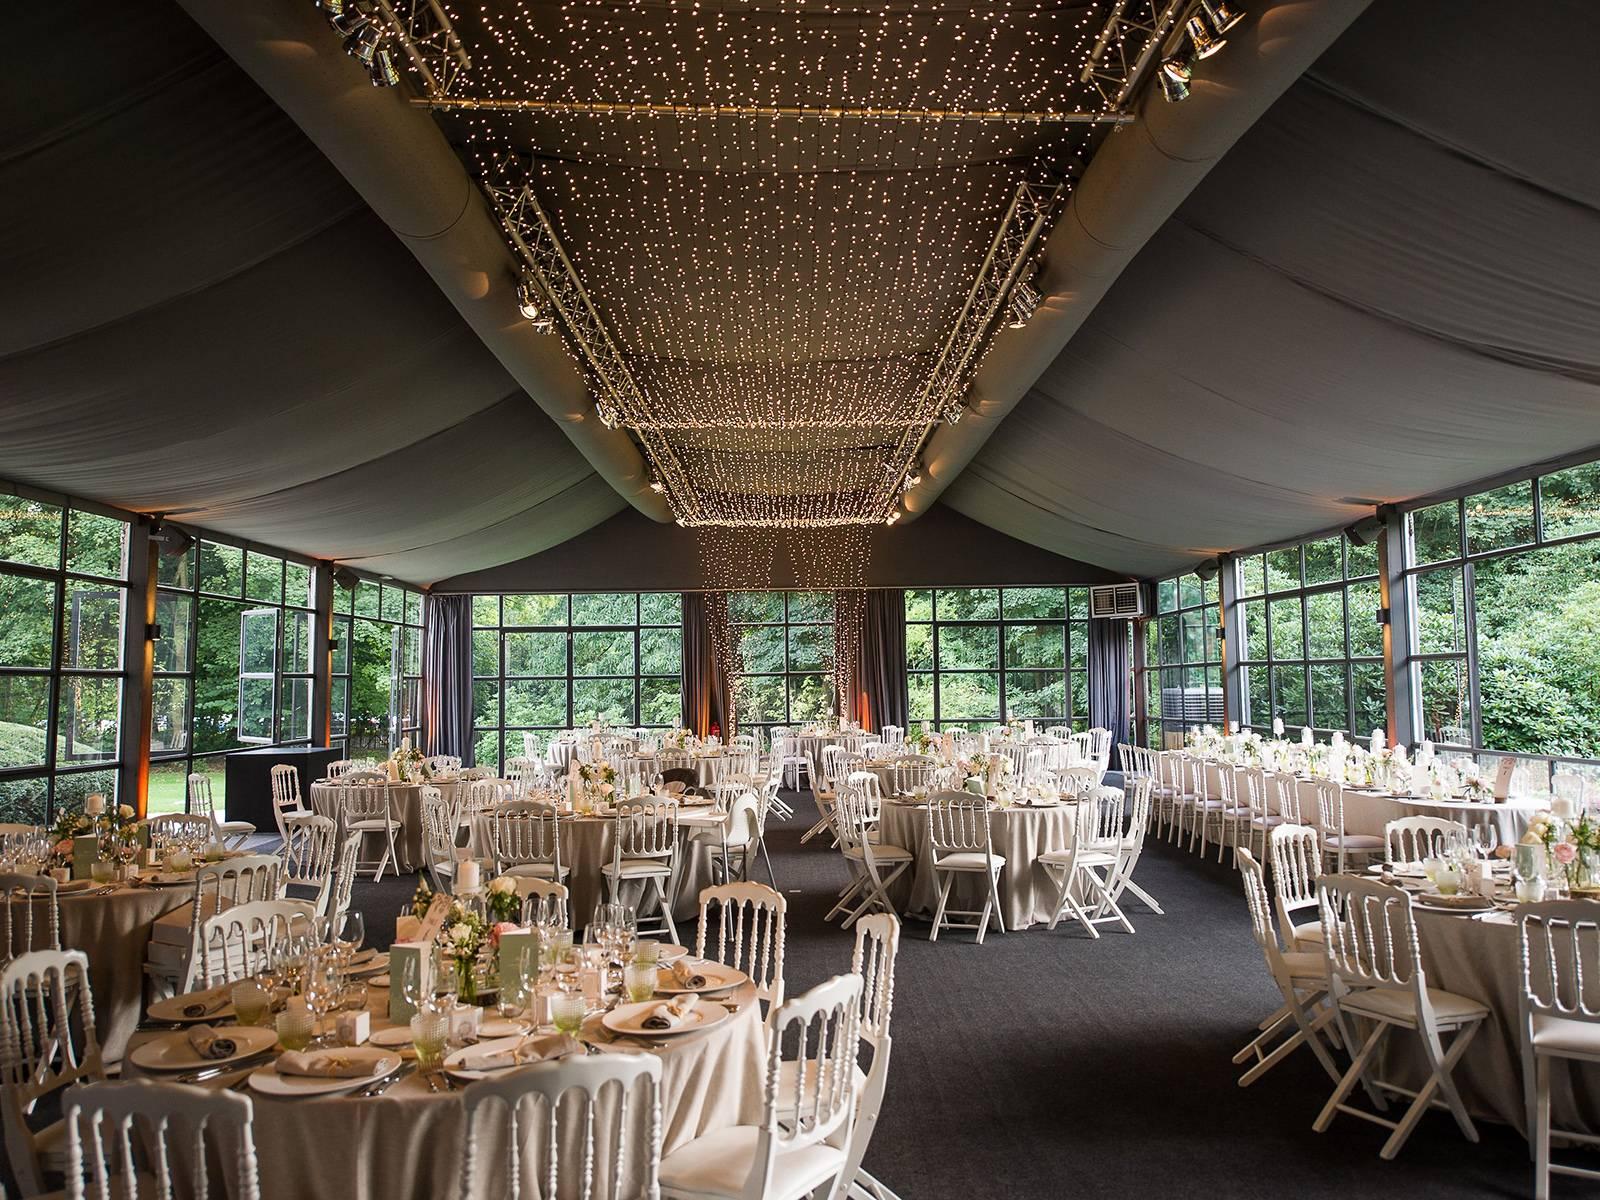 Choux de Bruxelles - Traiteur - Catering - House of Weddings 6